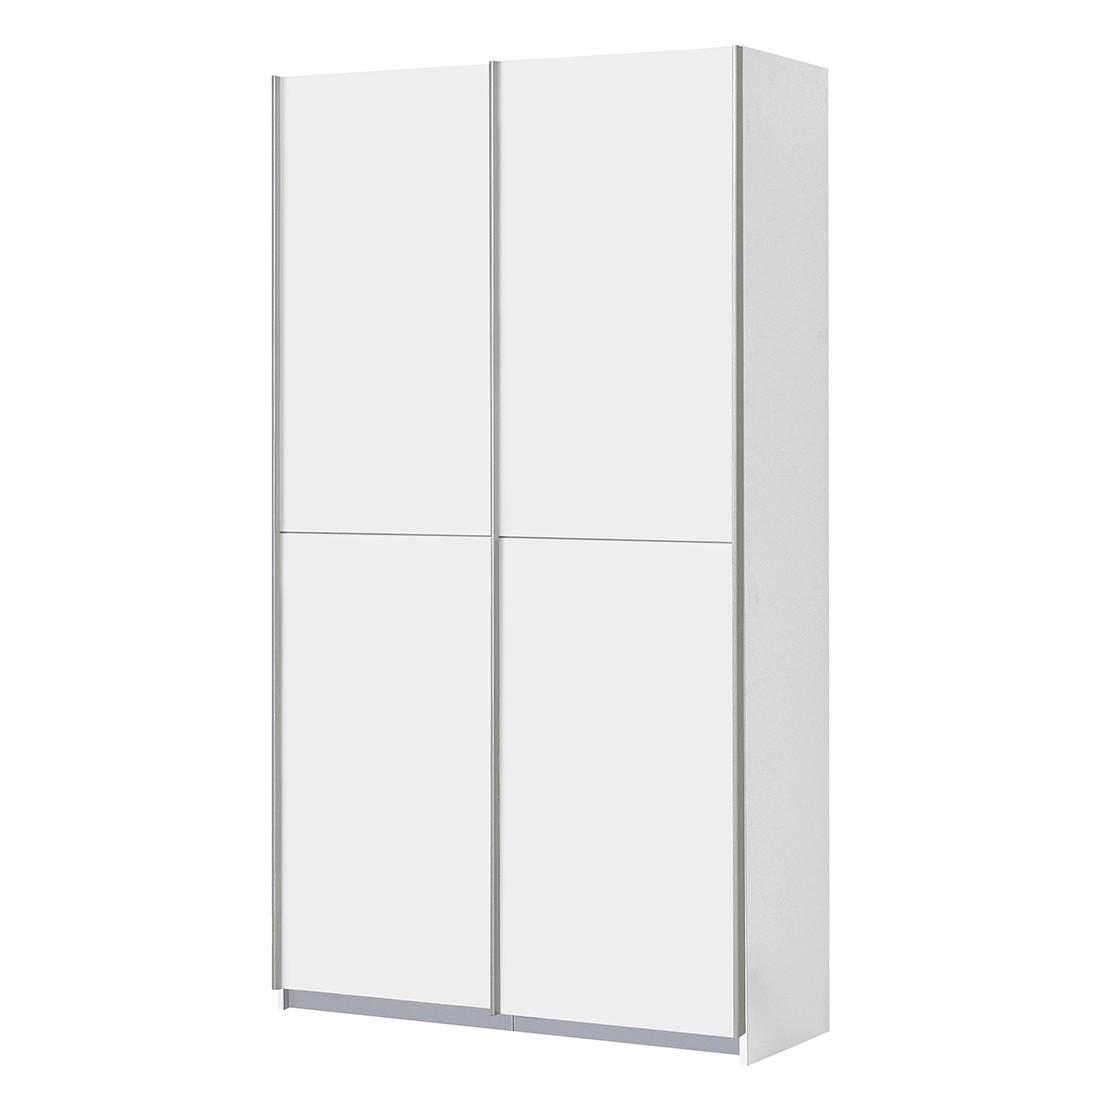 Kleiderschrank Elda – Weiß, mooved günstig